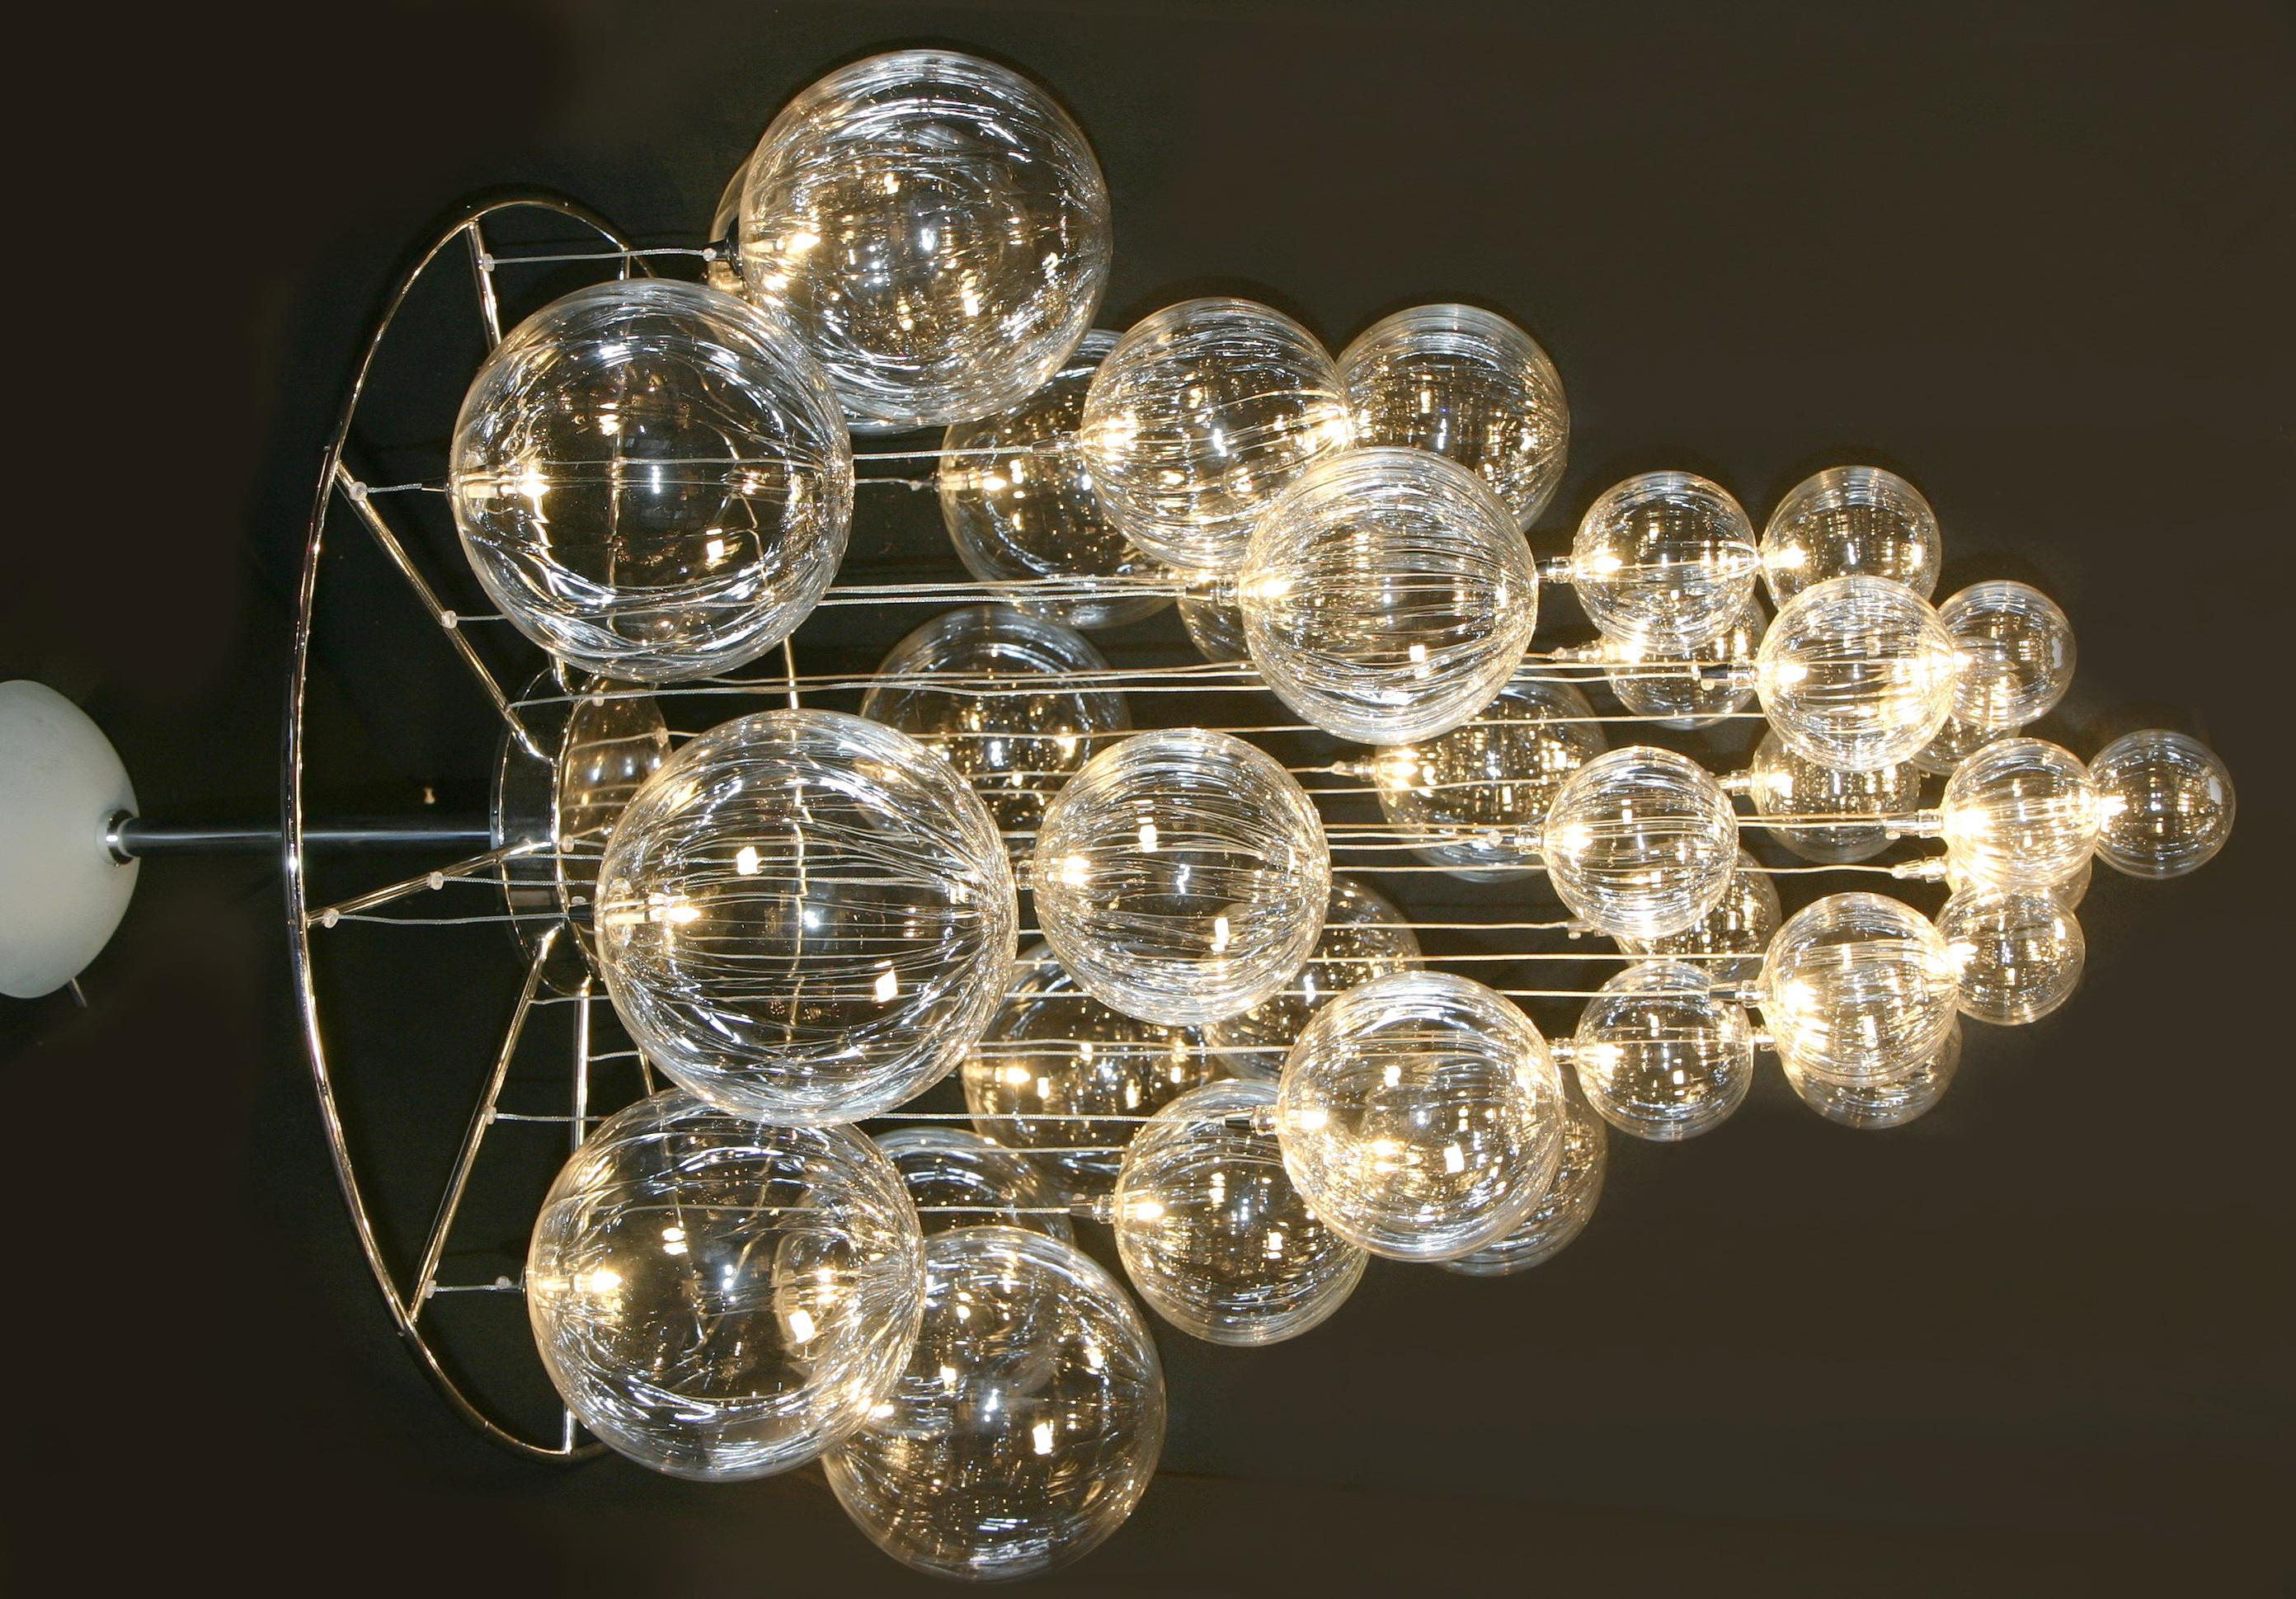 Cheap Chandelier Lighting Uk & Cheap Chandelier Lighting Uk | Home Design Ideas